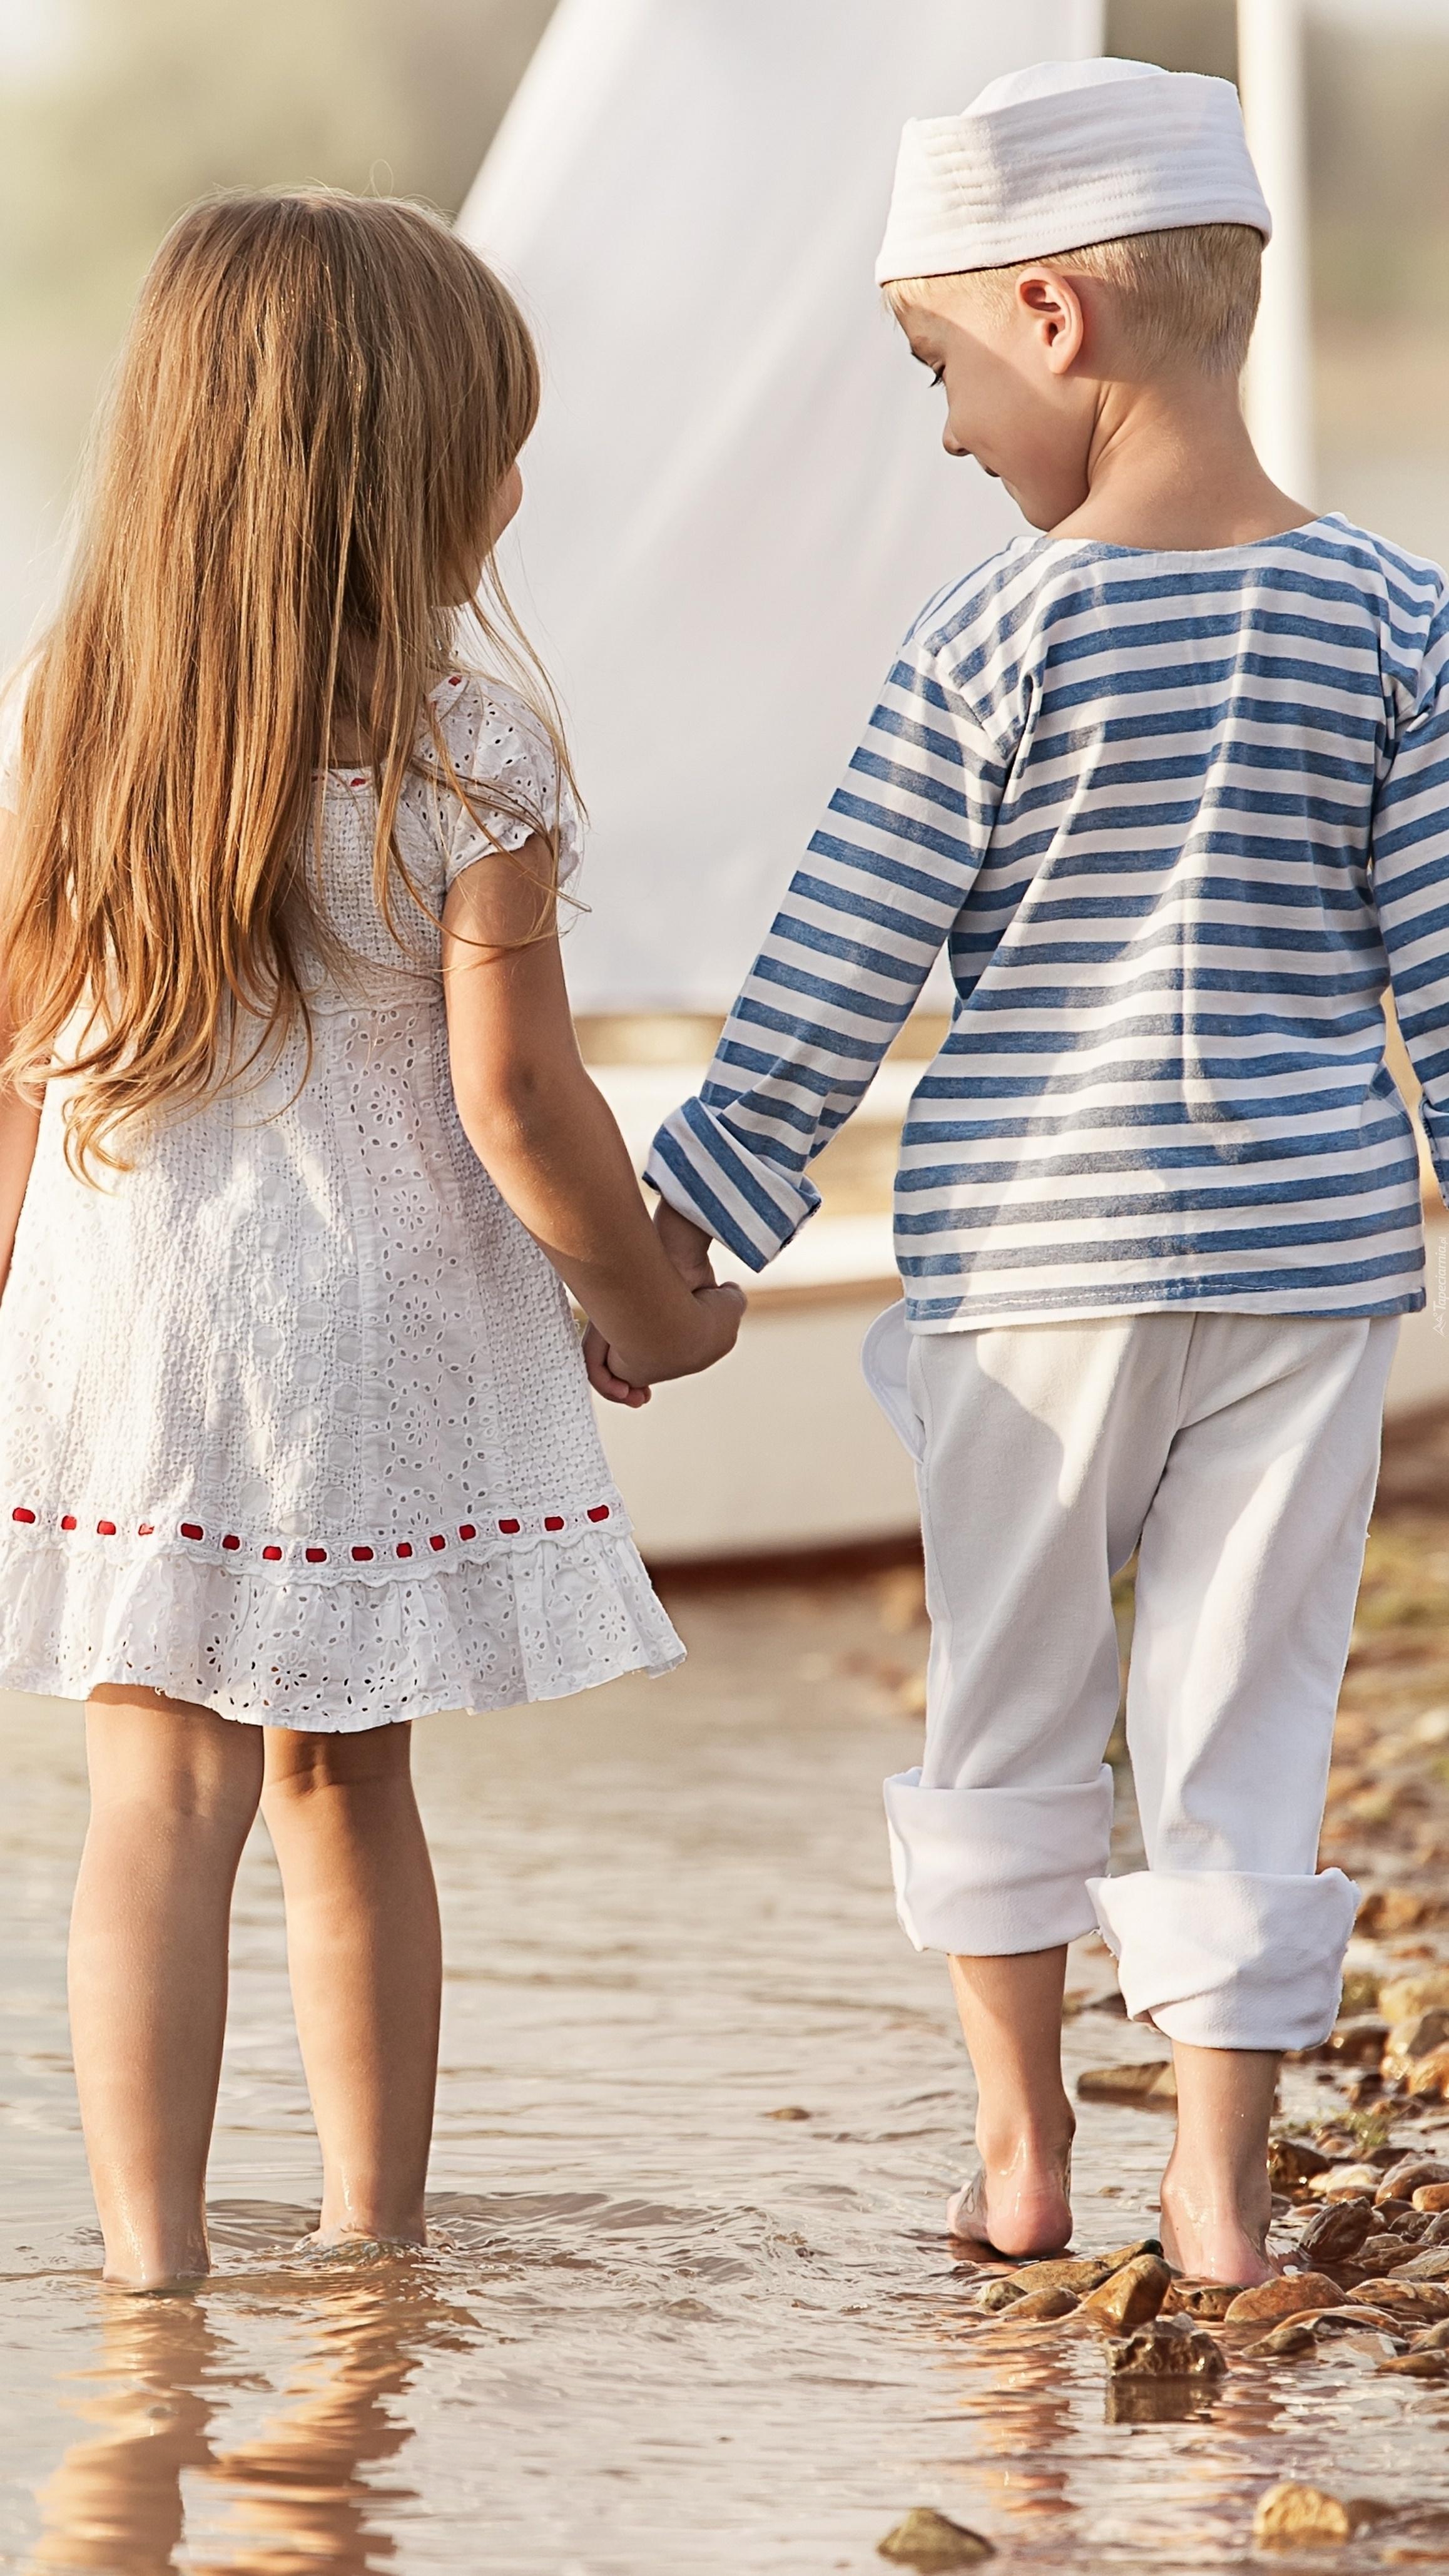 Chłopczyk i dziewczynka na spacerze brzegiem morza